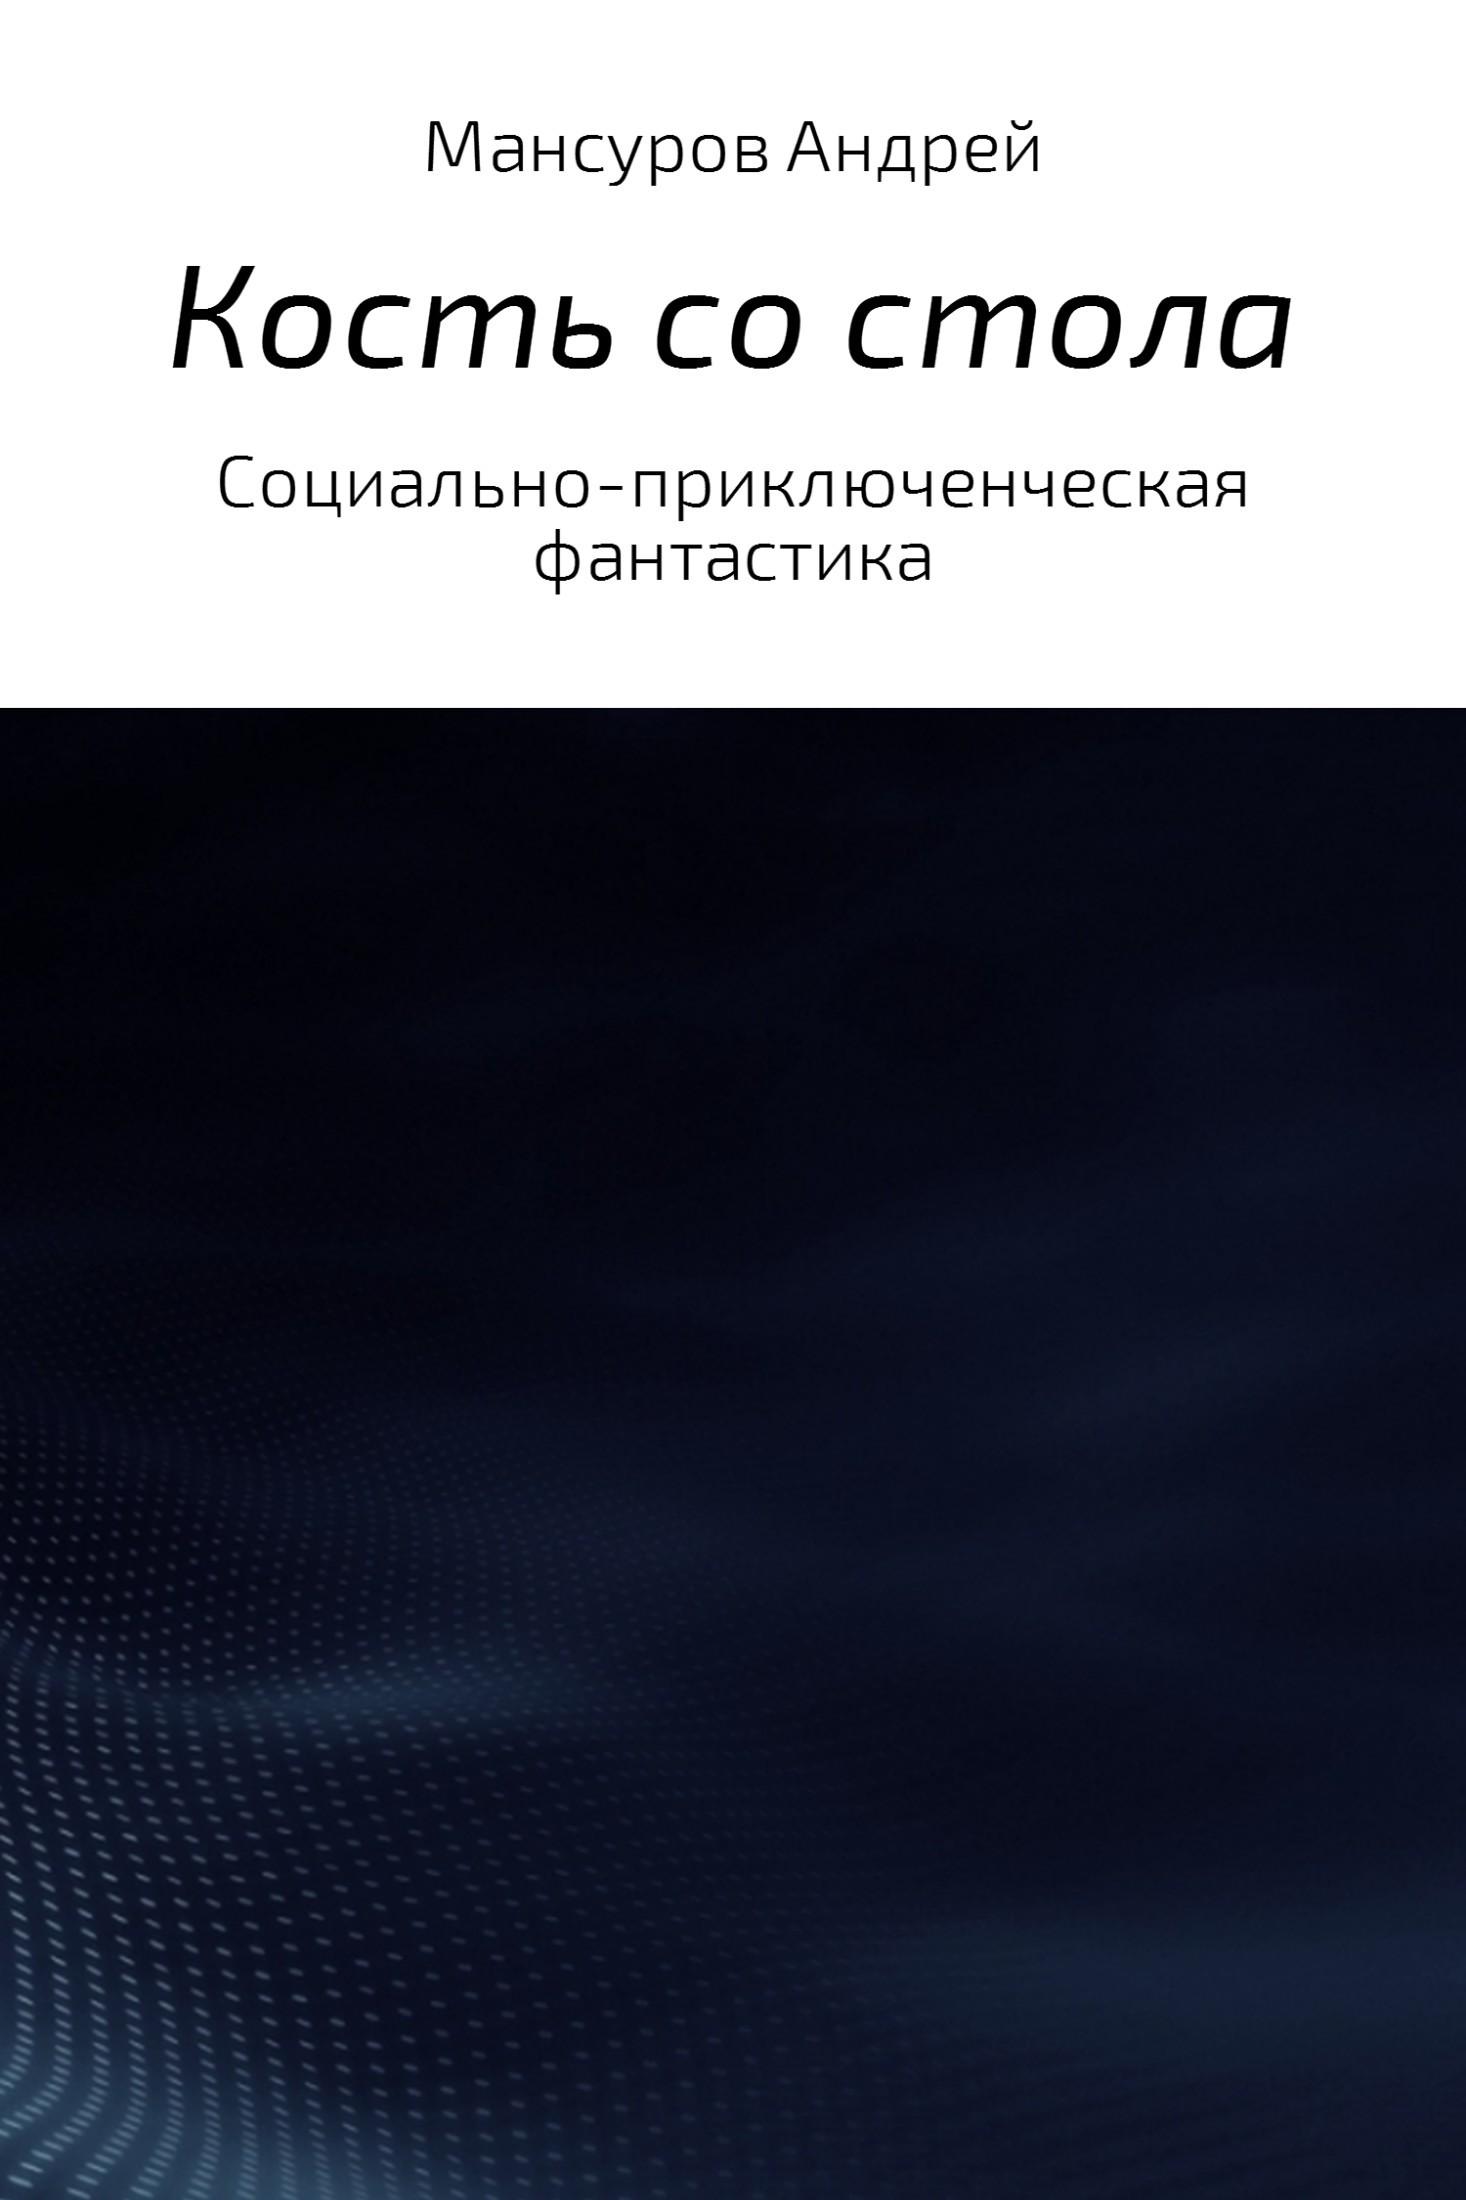 Андрей Арсланович Мансуров Кость со стола андрей арсланович мансуров запрещённая фантастика – 3